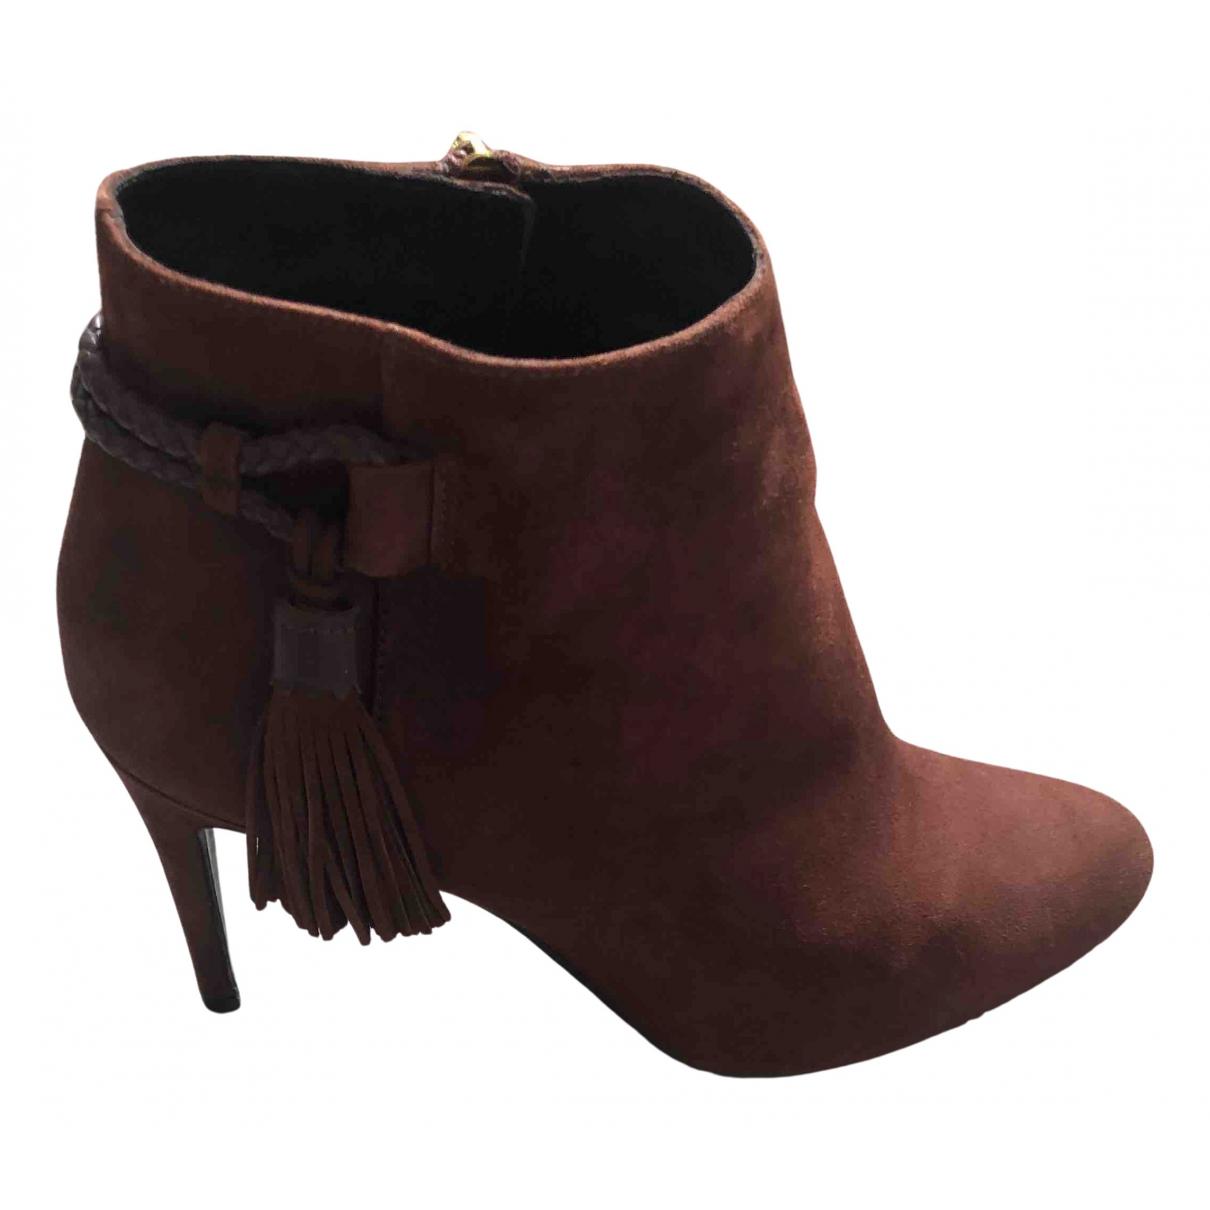 Lk Bennett - Boots   pour femme en suede - marron